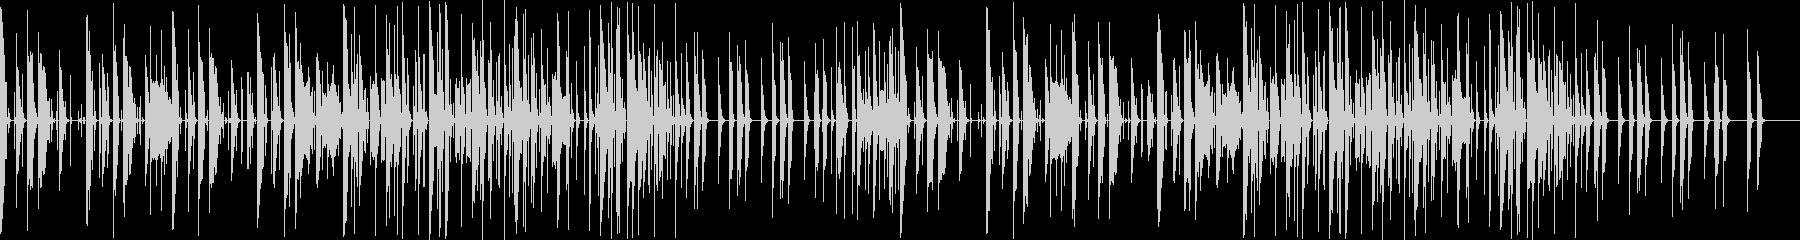 コミカル調の可愛いポップスの未再生の波形